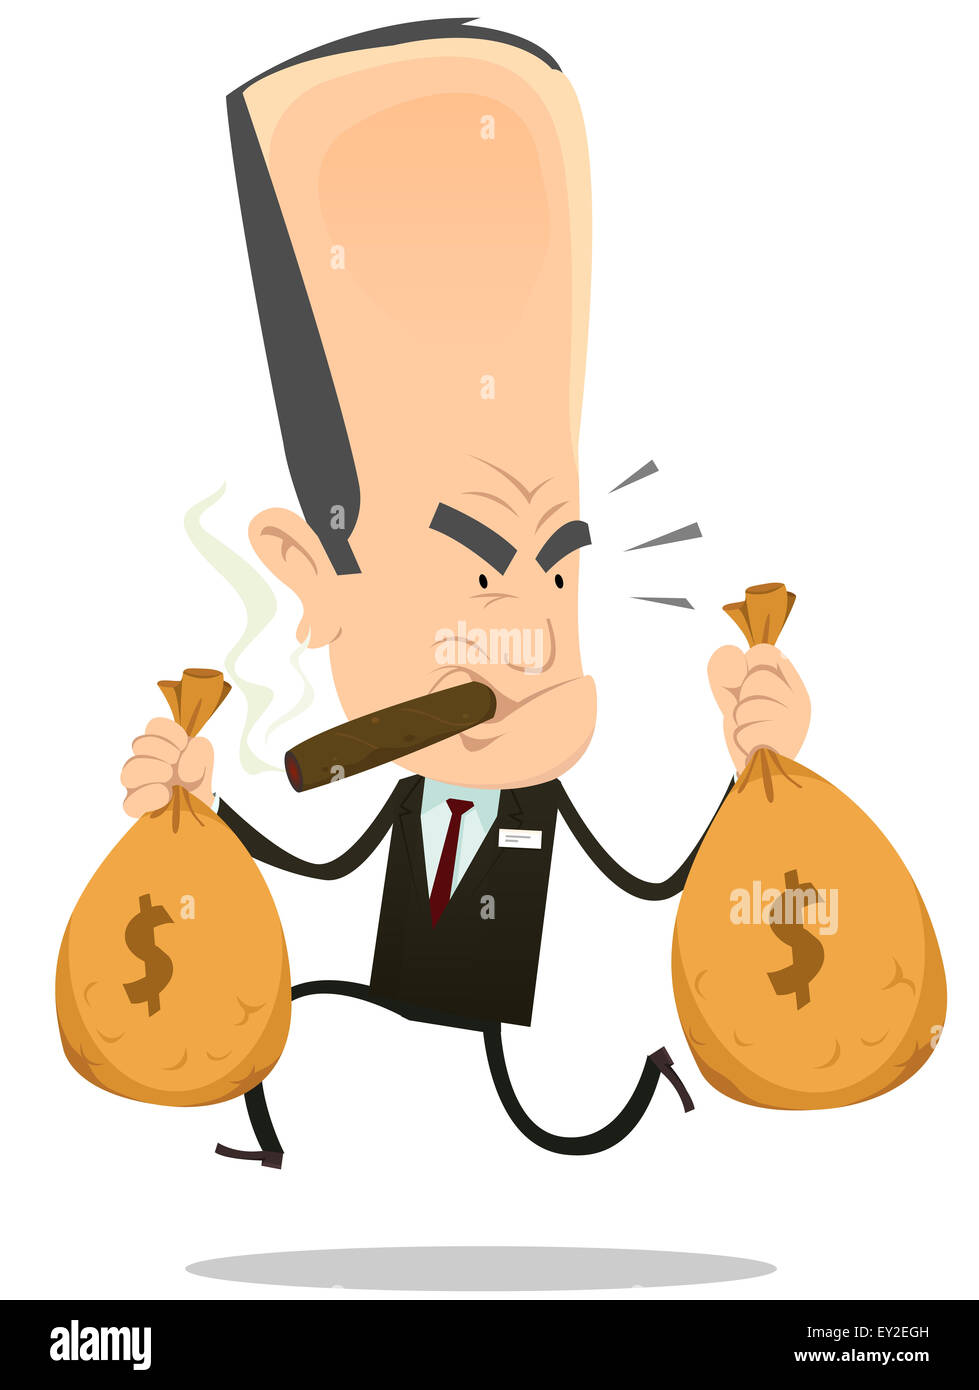 Image result for banquero estafador